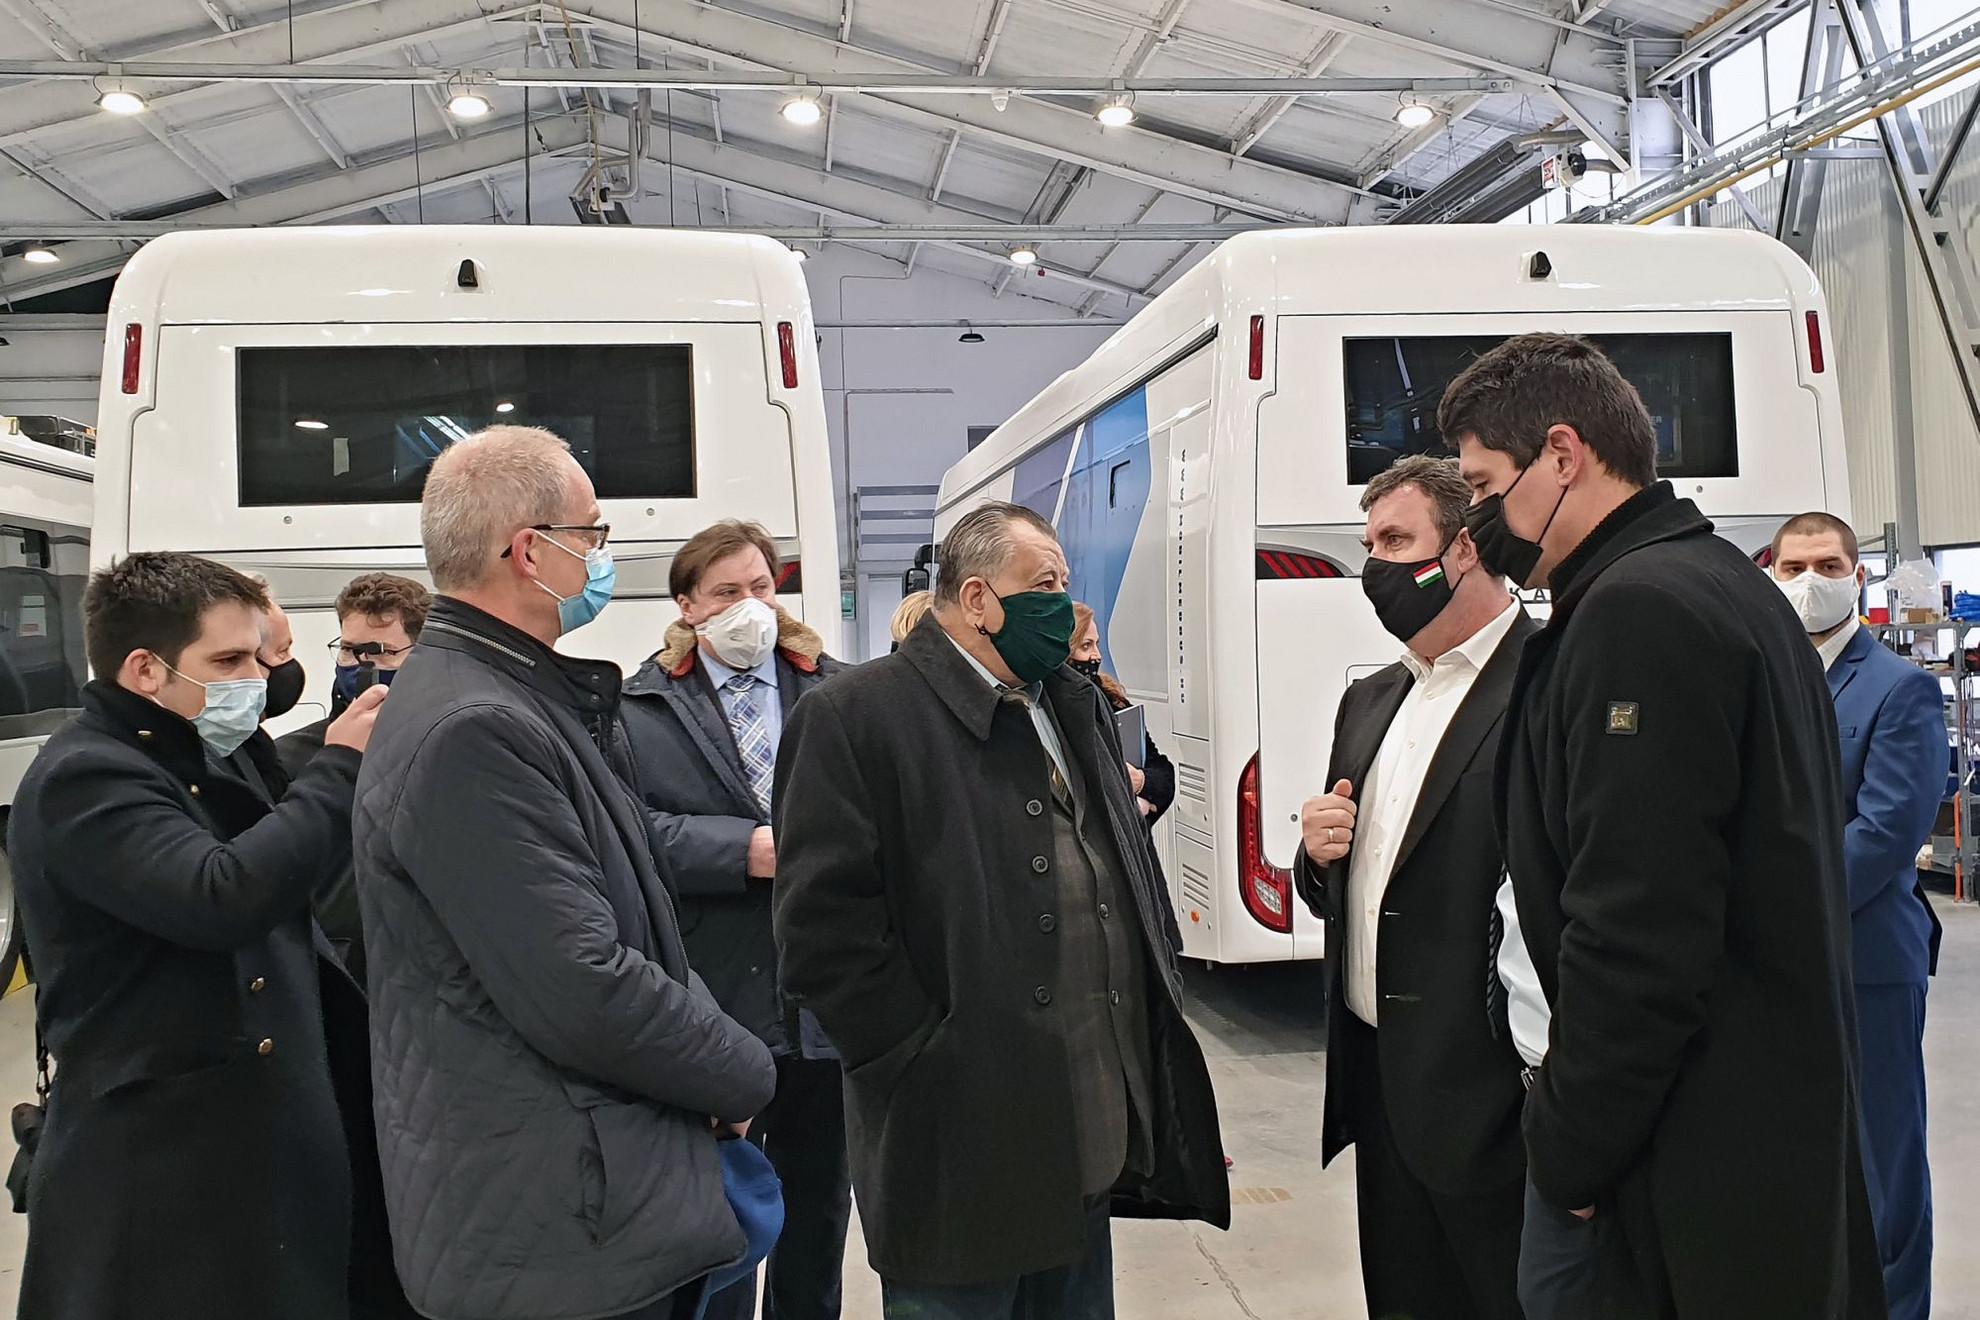 Széles Gábor (középen), az Ikarus vállalatcsoport elnöke, tulajdonosa mutatta meg az elektromos autóbuszokat a gyártócsarnokban  Palkovics László innovációs és technológiai miniszternek